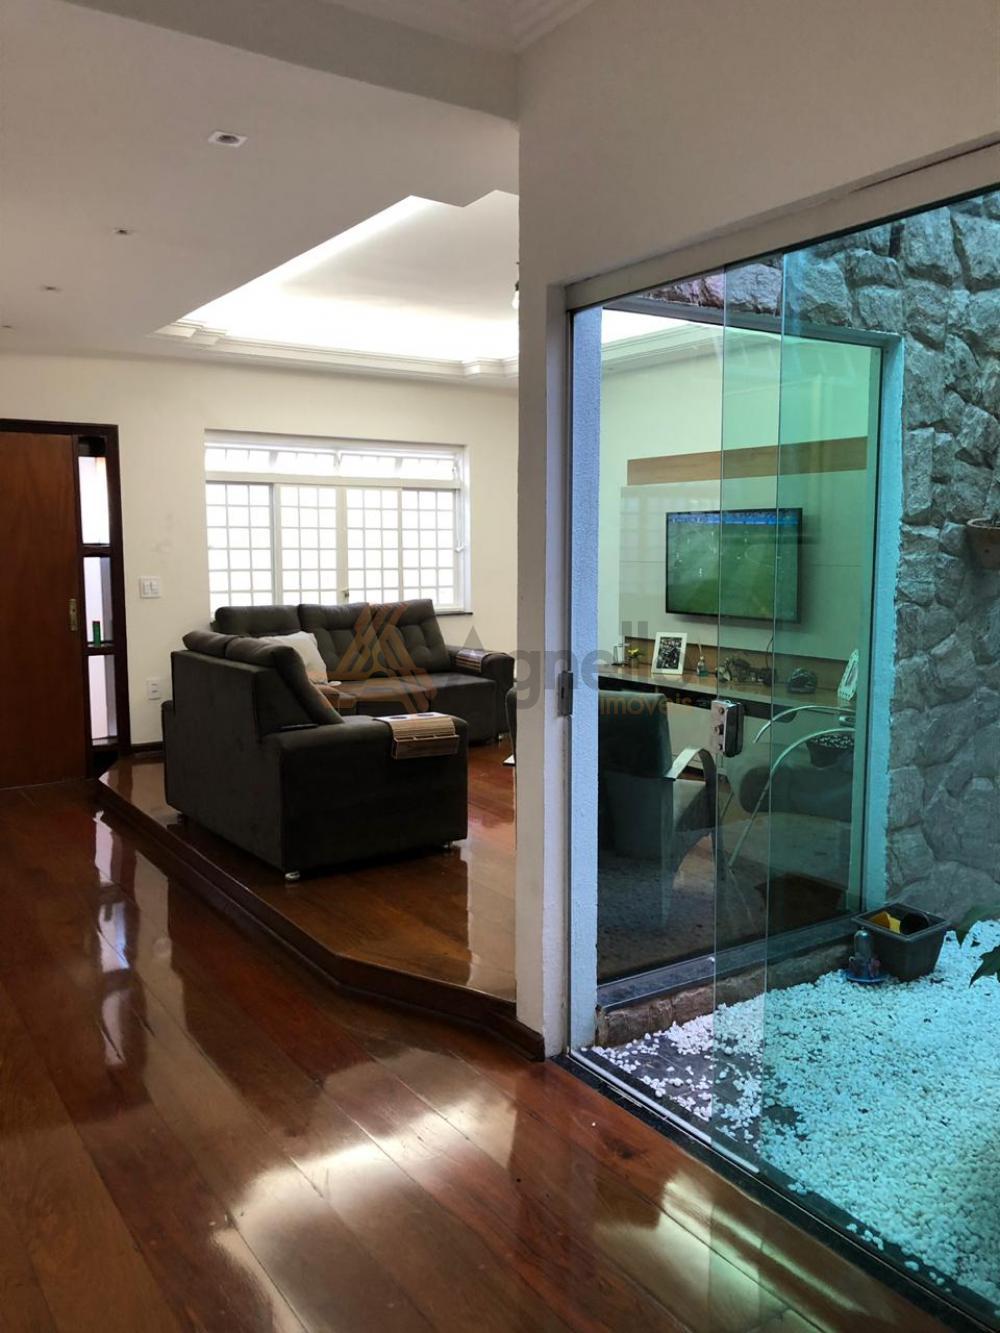 Comprar Casa / Padrão em Franca apenas R$ 450.000,00 - Foto 2